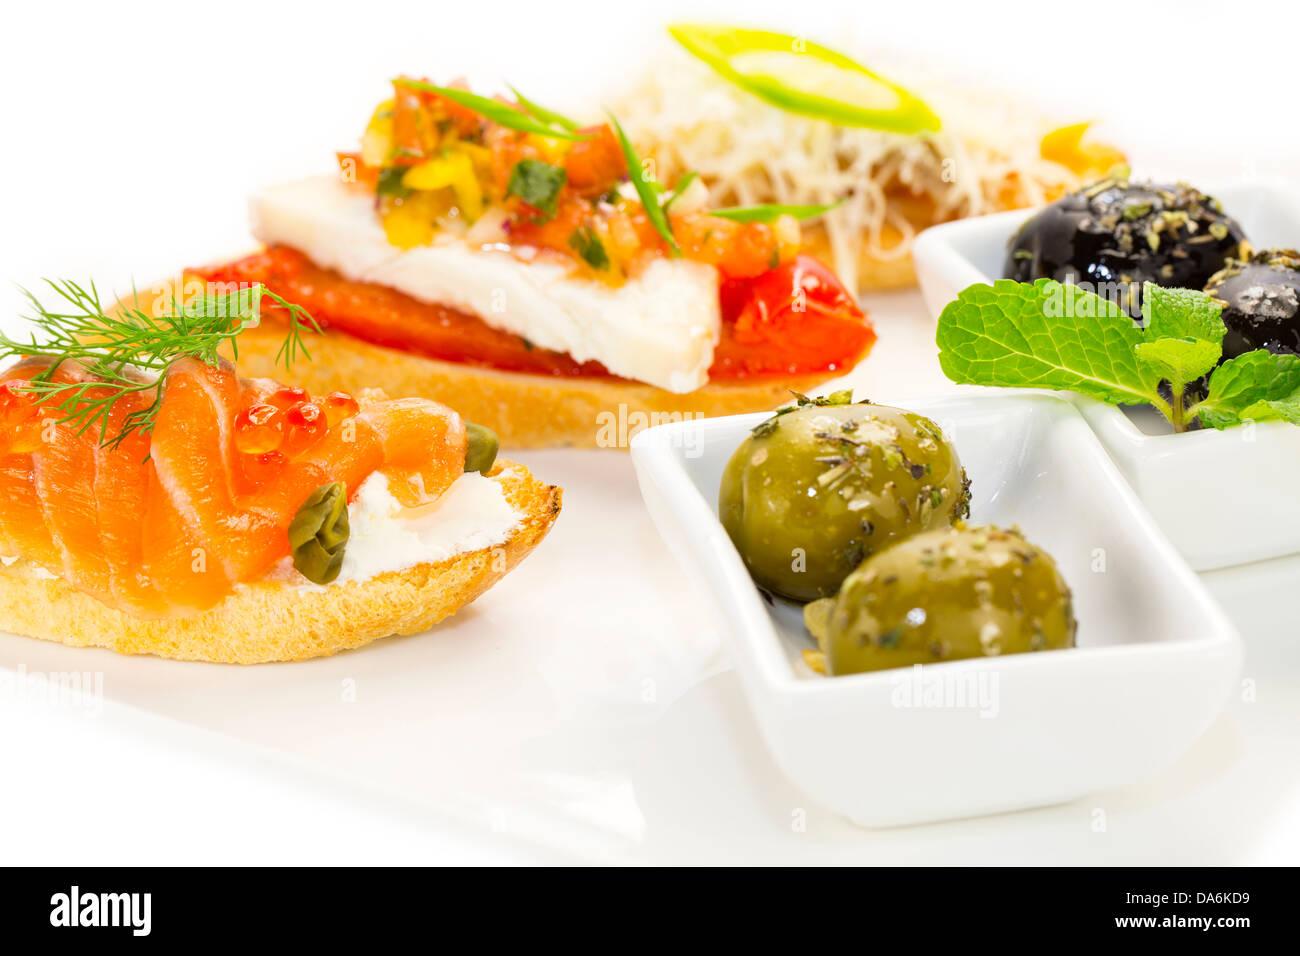 Sandwiches espagnol des fruits de vin et fromage Légumes Photo Stock